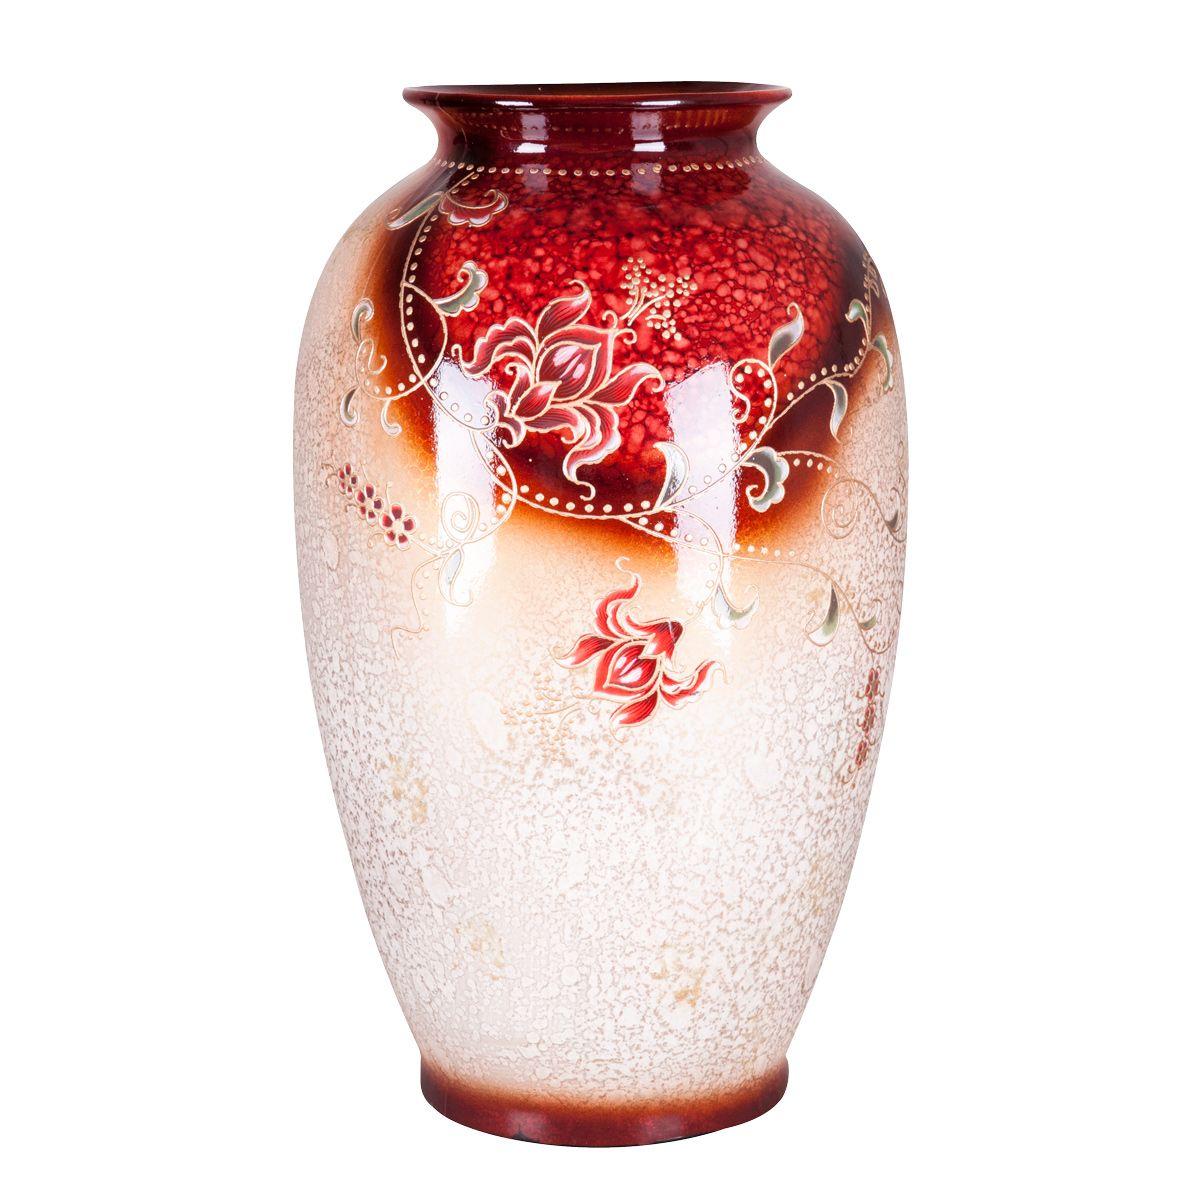 Ваза Miolla Аманда-2, высота 45 смFS-80264Декоративные вазы в наше время пользуются очень большим спросом. Любители украшать свой дом, оценят этот античный сосуд, который может стать не только красивым, но и практичным дополнением любого интерьера.Изящная ваза изготовлена из керамики. Ваза оформлена цветочным изображением. Высота вазы: 45 см.